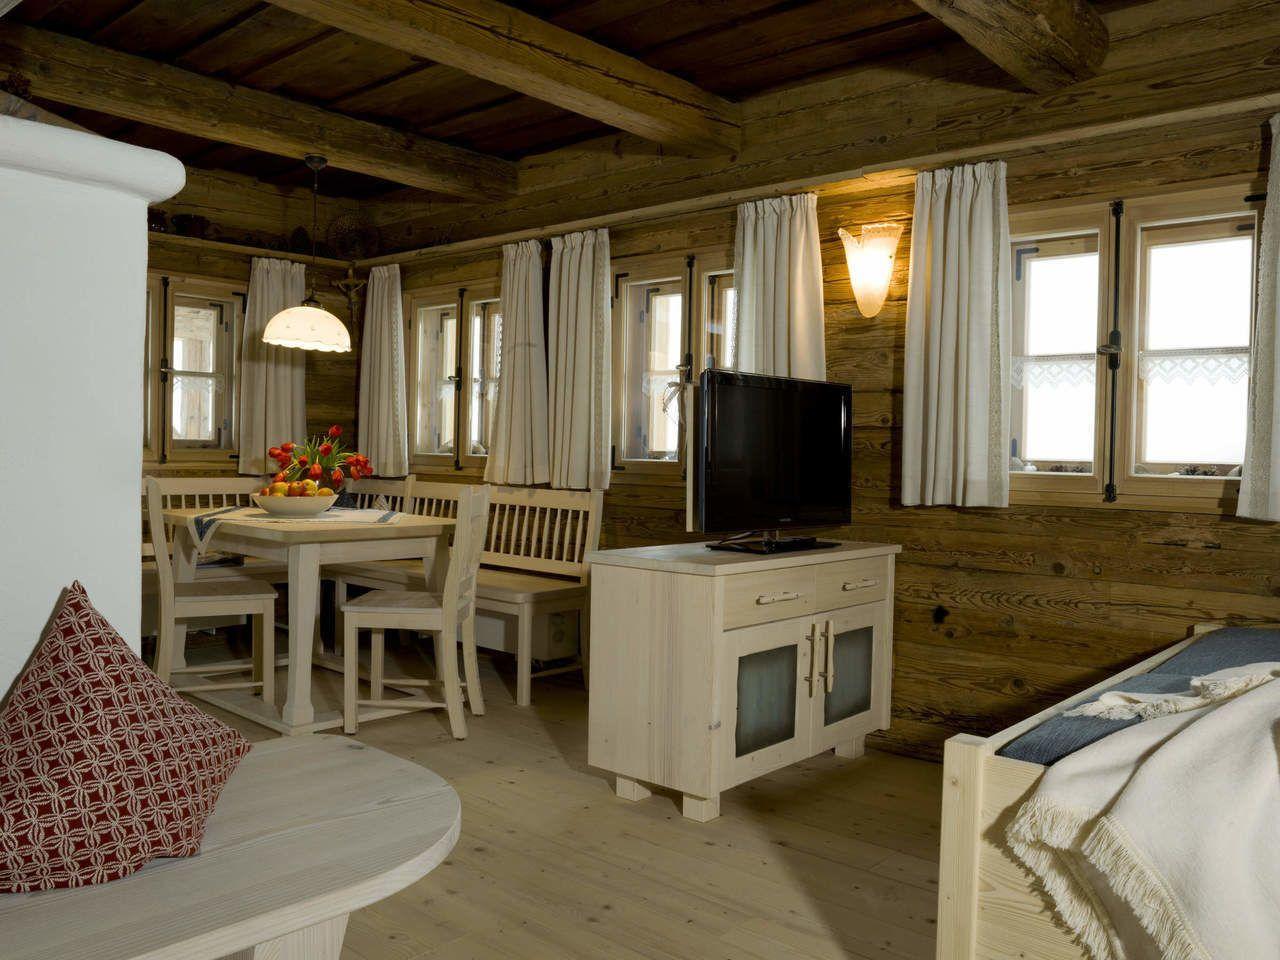 Bayern Berghütte für 2 Personen Wellness Urlaub in